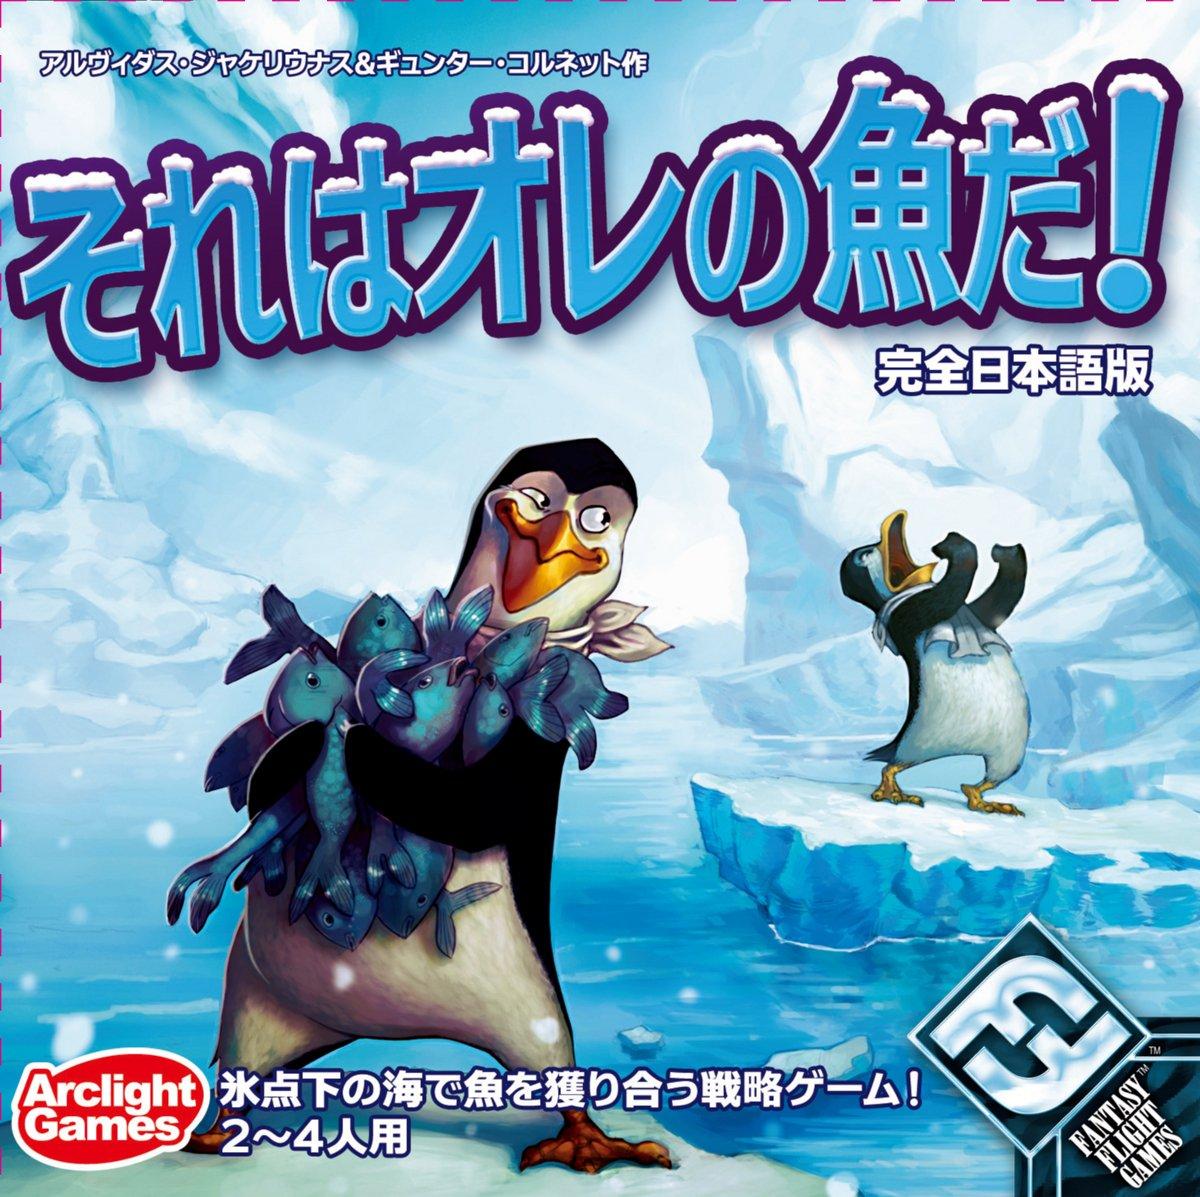 それはオレの魚だ 完全日本語版 Hey 通常便なら送料無料 ボードゲーム That´sMyFish 公式通販